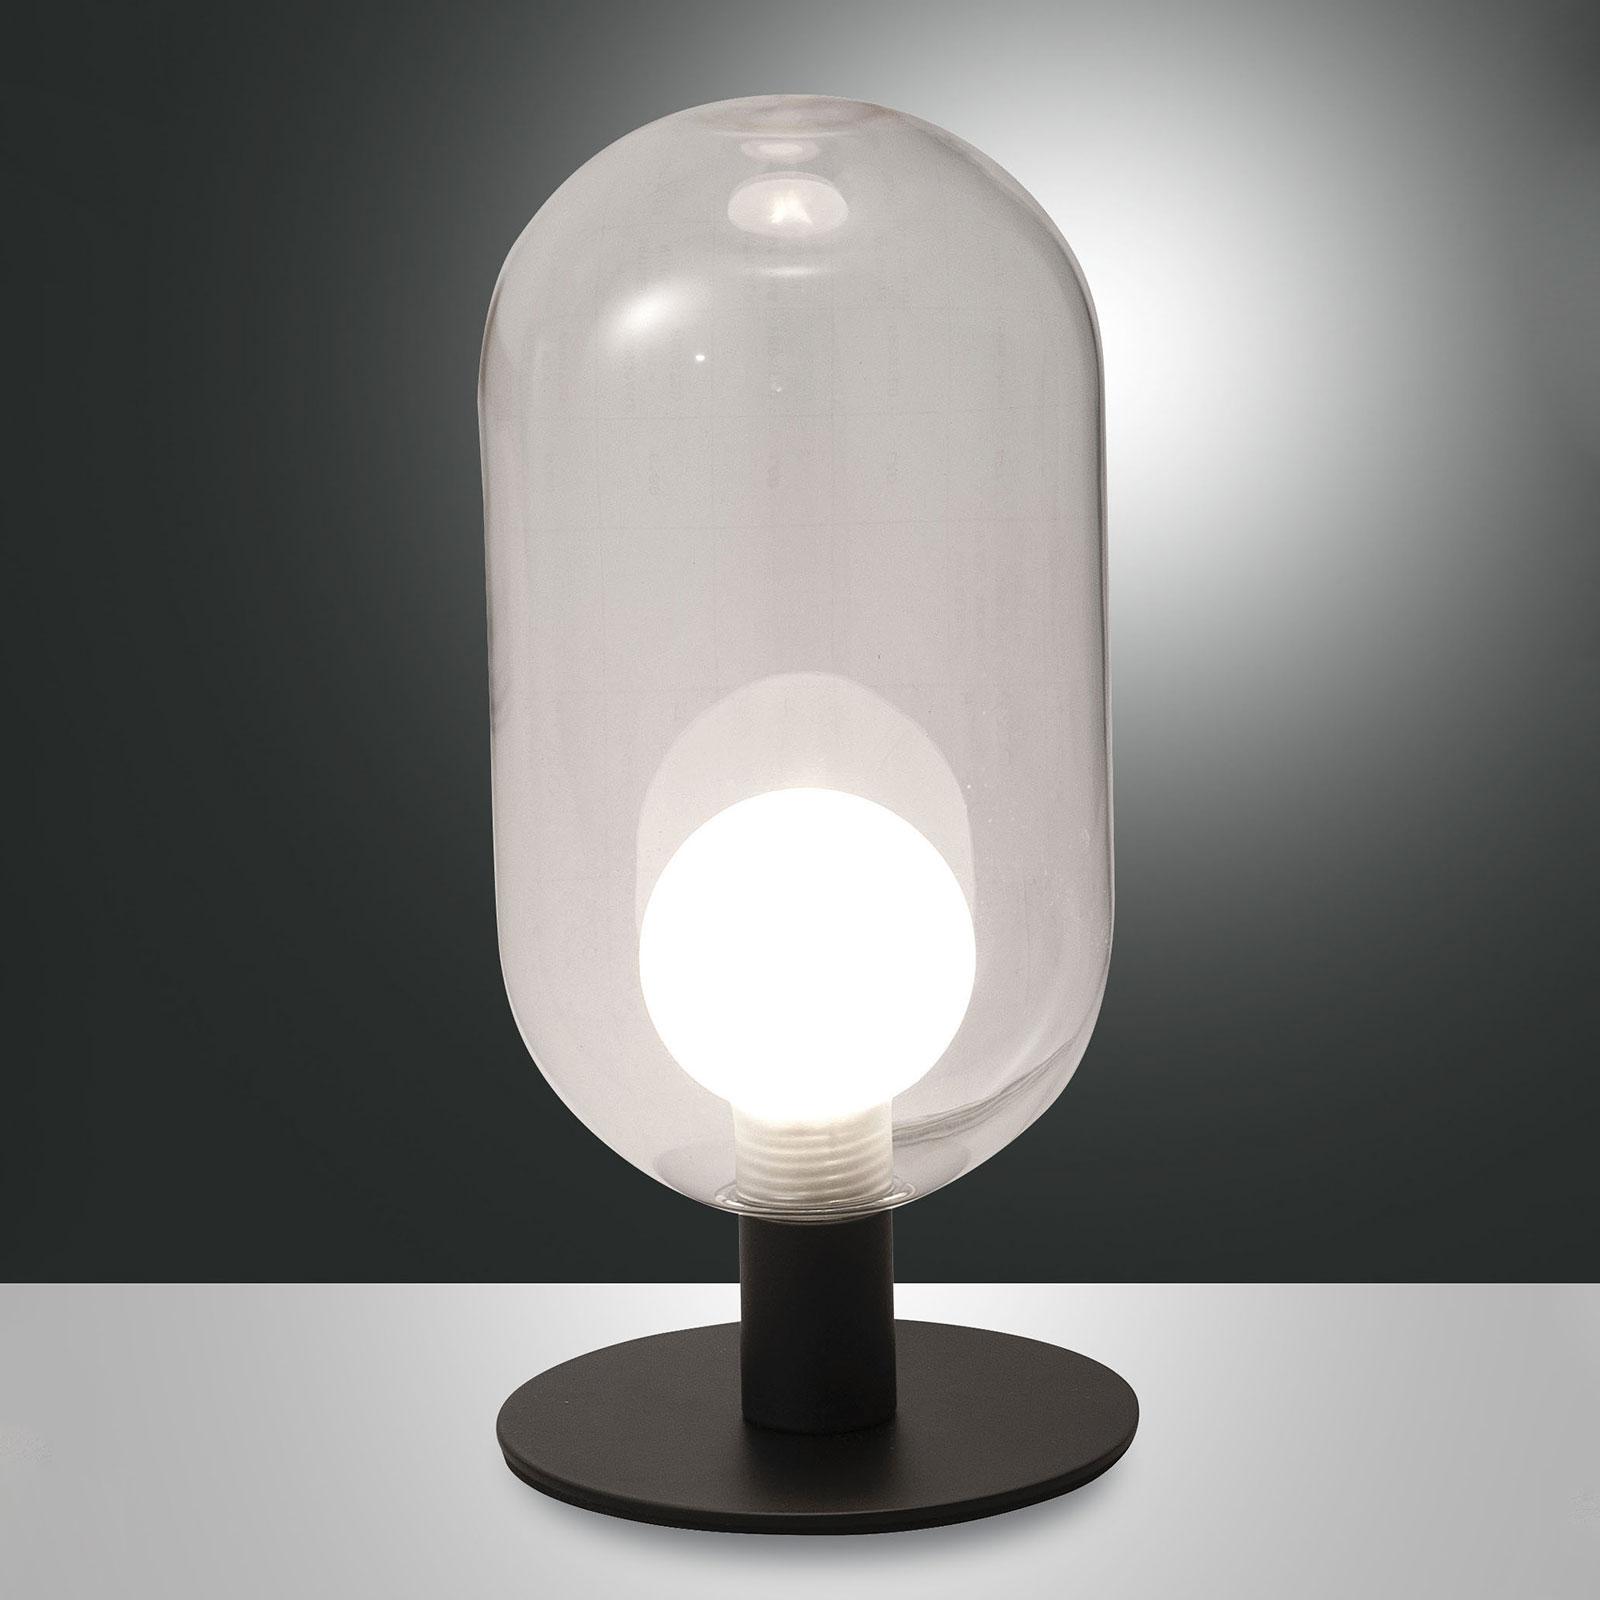 LED tafellamp Gubbio, ovale glazen kap, helder